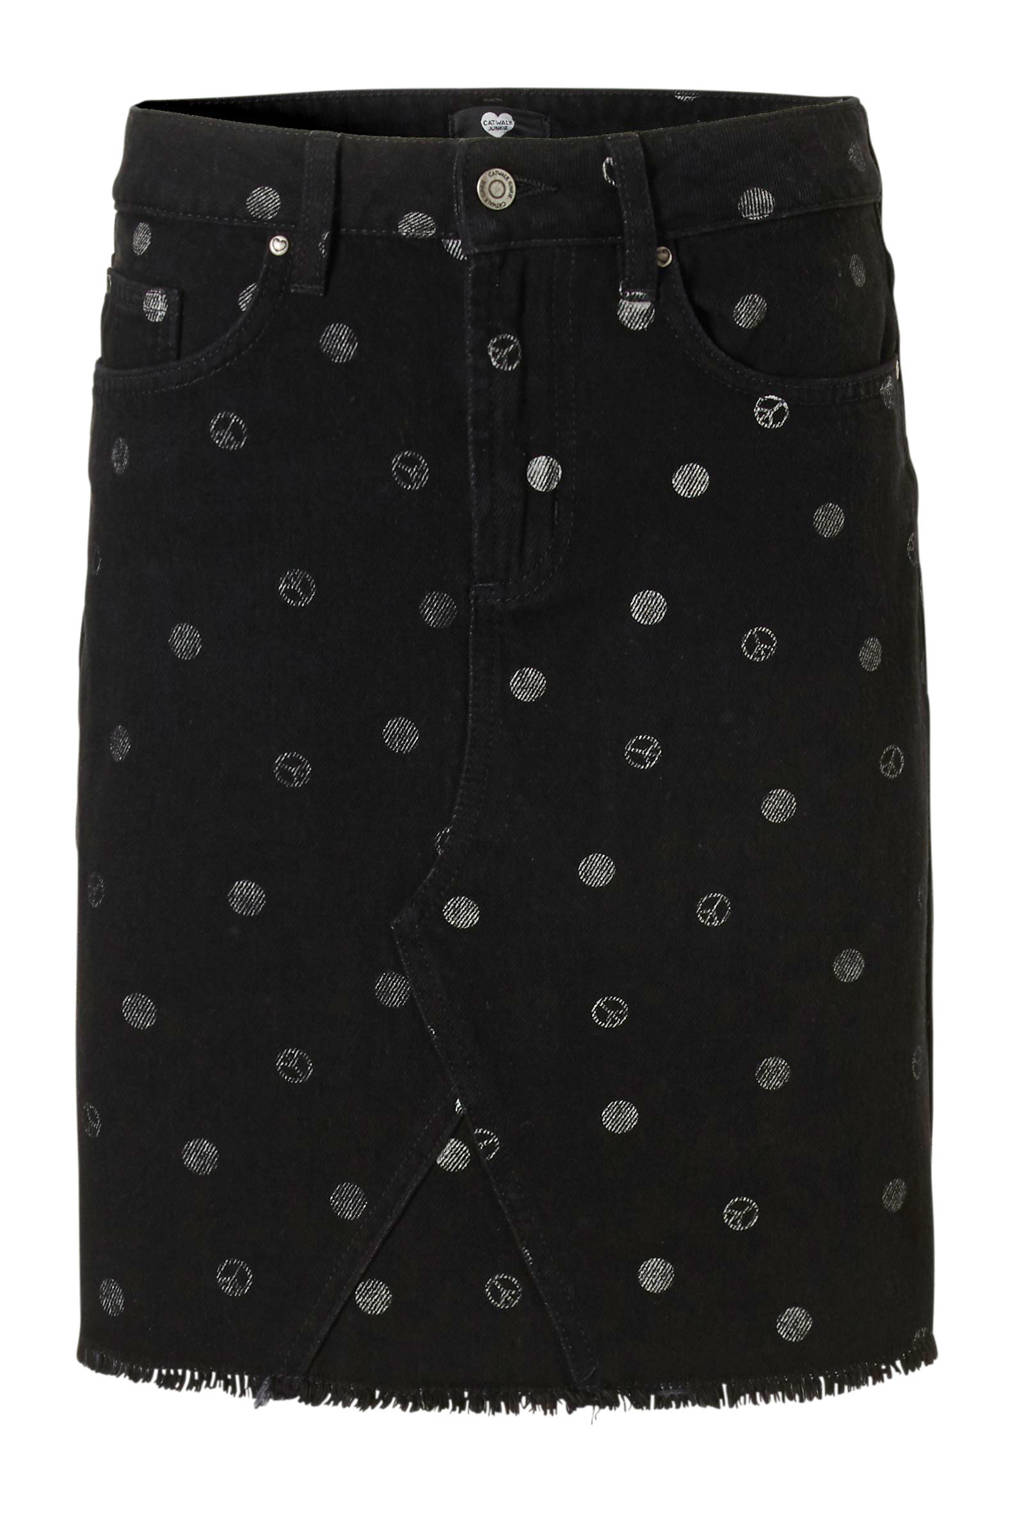 Catwalk Junkie spijkerrok met all over print zwart, Zwart